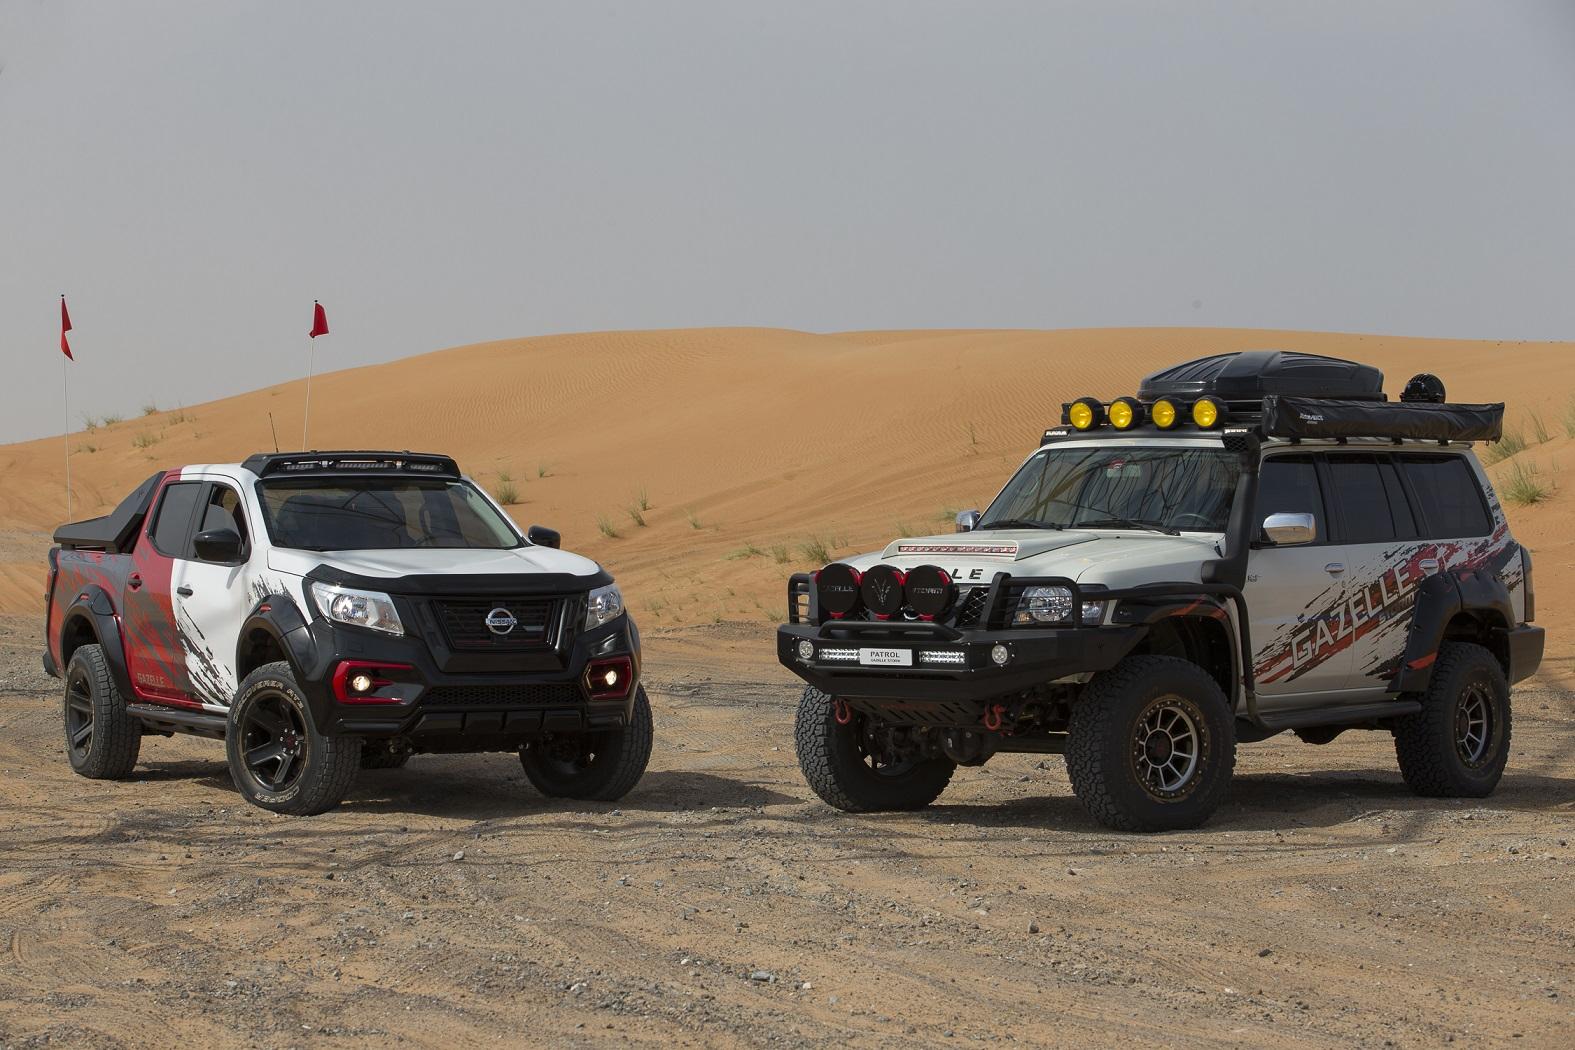 نيسان تكشف عن سيارتي غزال تمّ صنعهما خصيصاً لمنطقة الشرق الأوسط